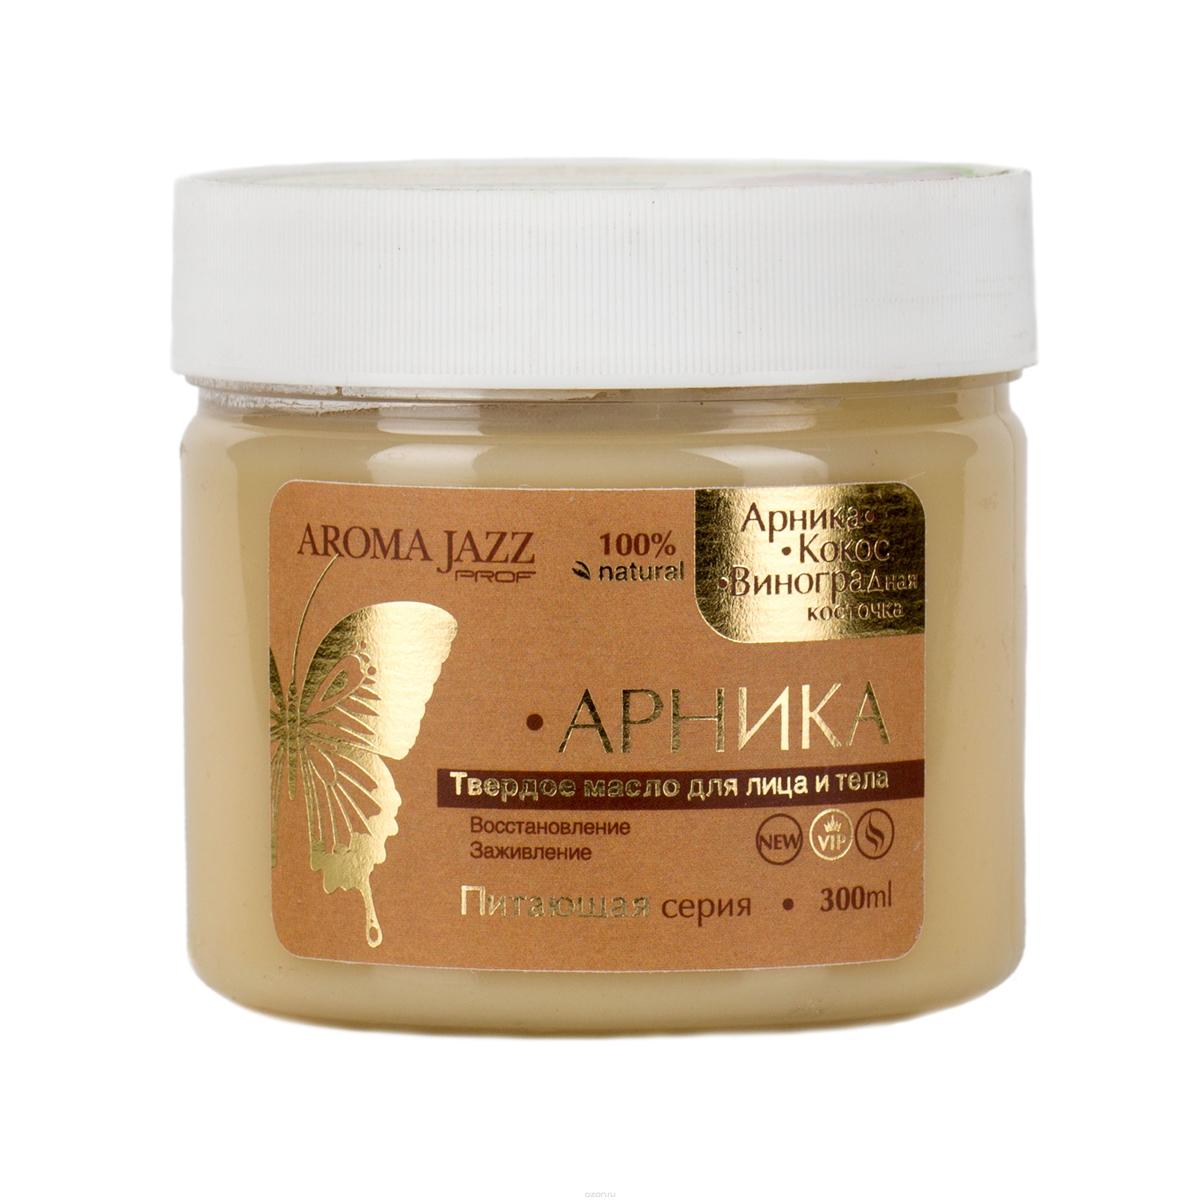 Aroma Jazz Твердое масло восстанавливающее Арника, 300 мл0209Действие: масло обладает антисептическим и противовоспалительным действием, насыщает кожу питательными веществами, минералами, витаминами, выравнивает цвет и структуру кожи. Способ применения: рекомендовано для проведения любого вида массажа,увлажнения и питания кожи после душа, горячих ванн и SPA-процедур в салоне и дома; великолепно в антицеллюлитных обертываниях; рекомендуется использовать одноразовое белье. Противопоказания: индивидуальная непереносимость компонентов. Срок хранения: 24 месяца.